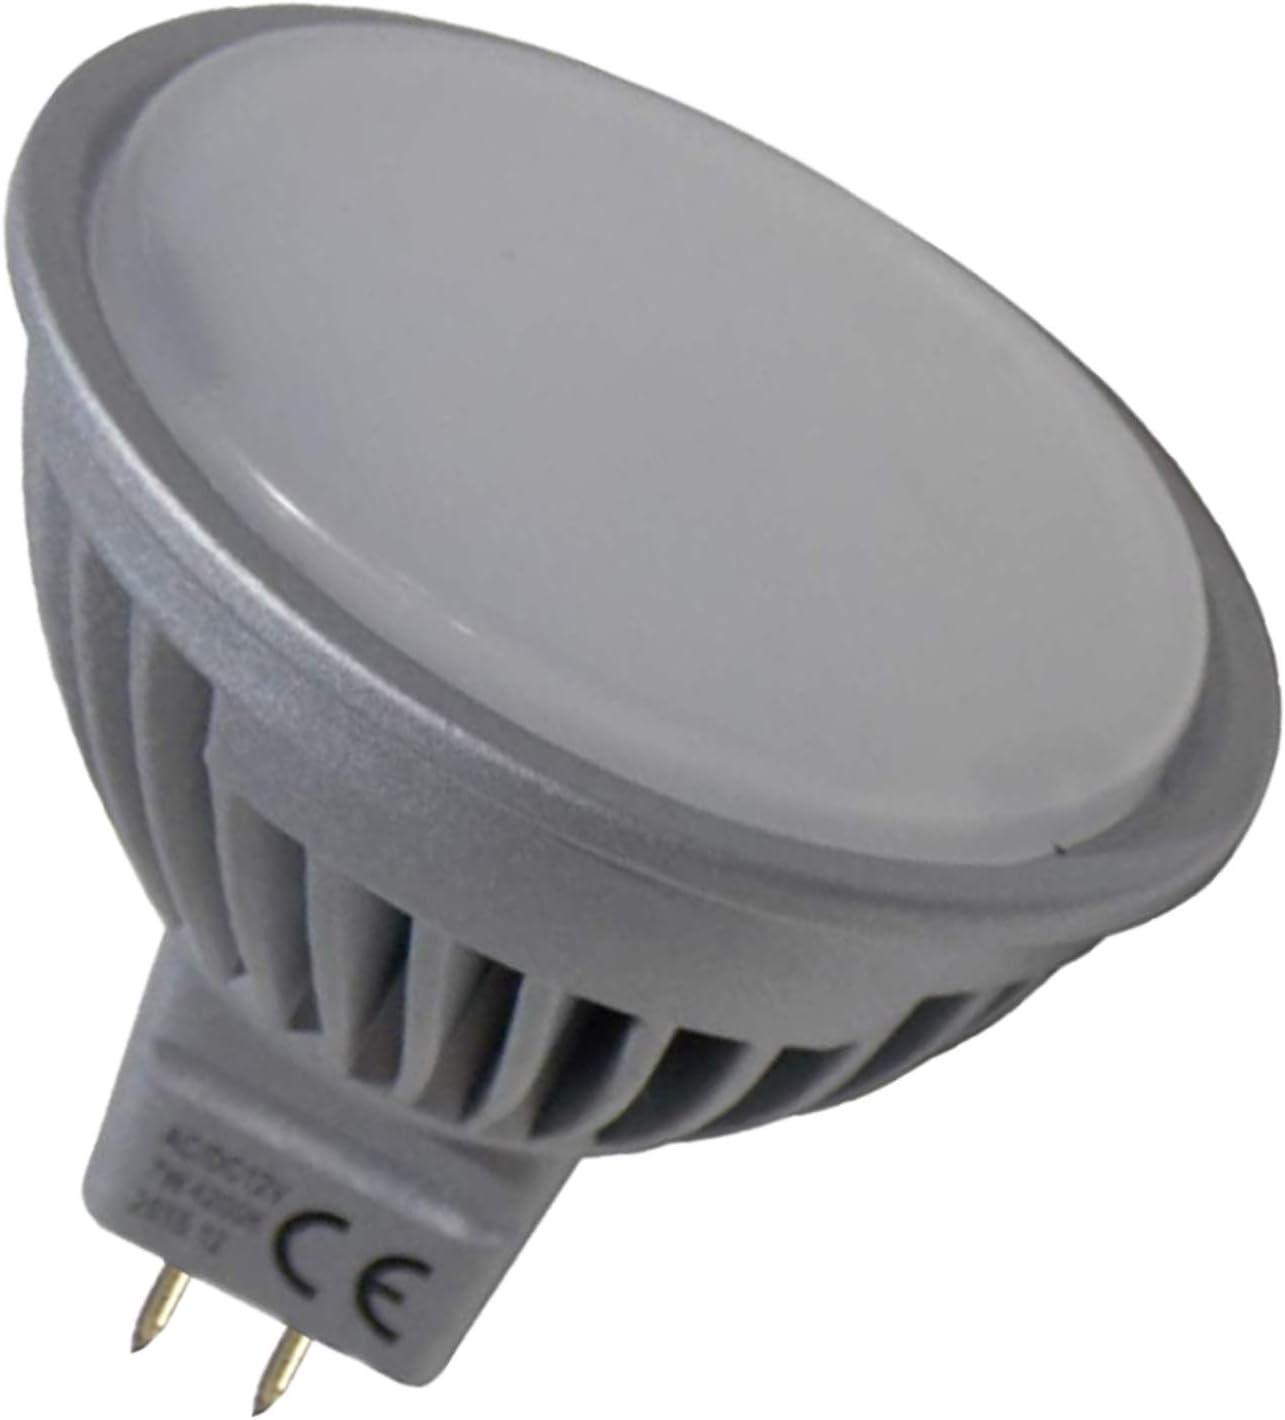 Pack 10x MR16 12-24v 7w 120 grados Regulable. Color Blanco Neutro (4500K). 600 lumenes. Para uso con transformador (NO incluido). Bi-pin.